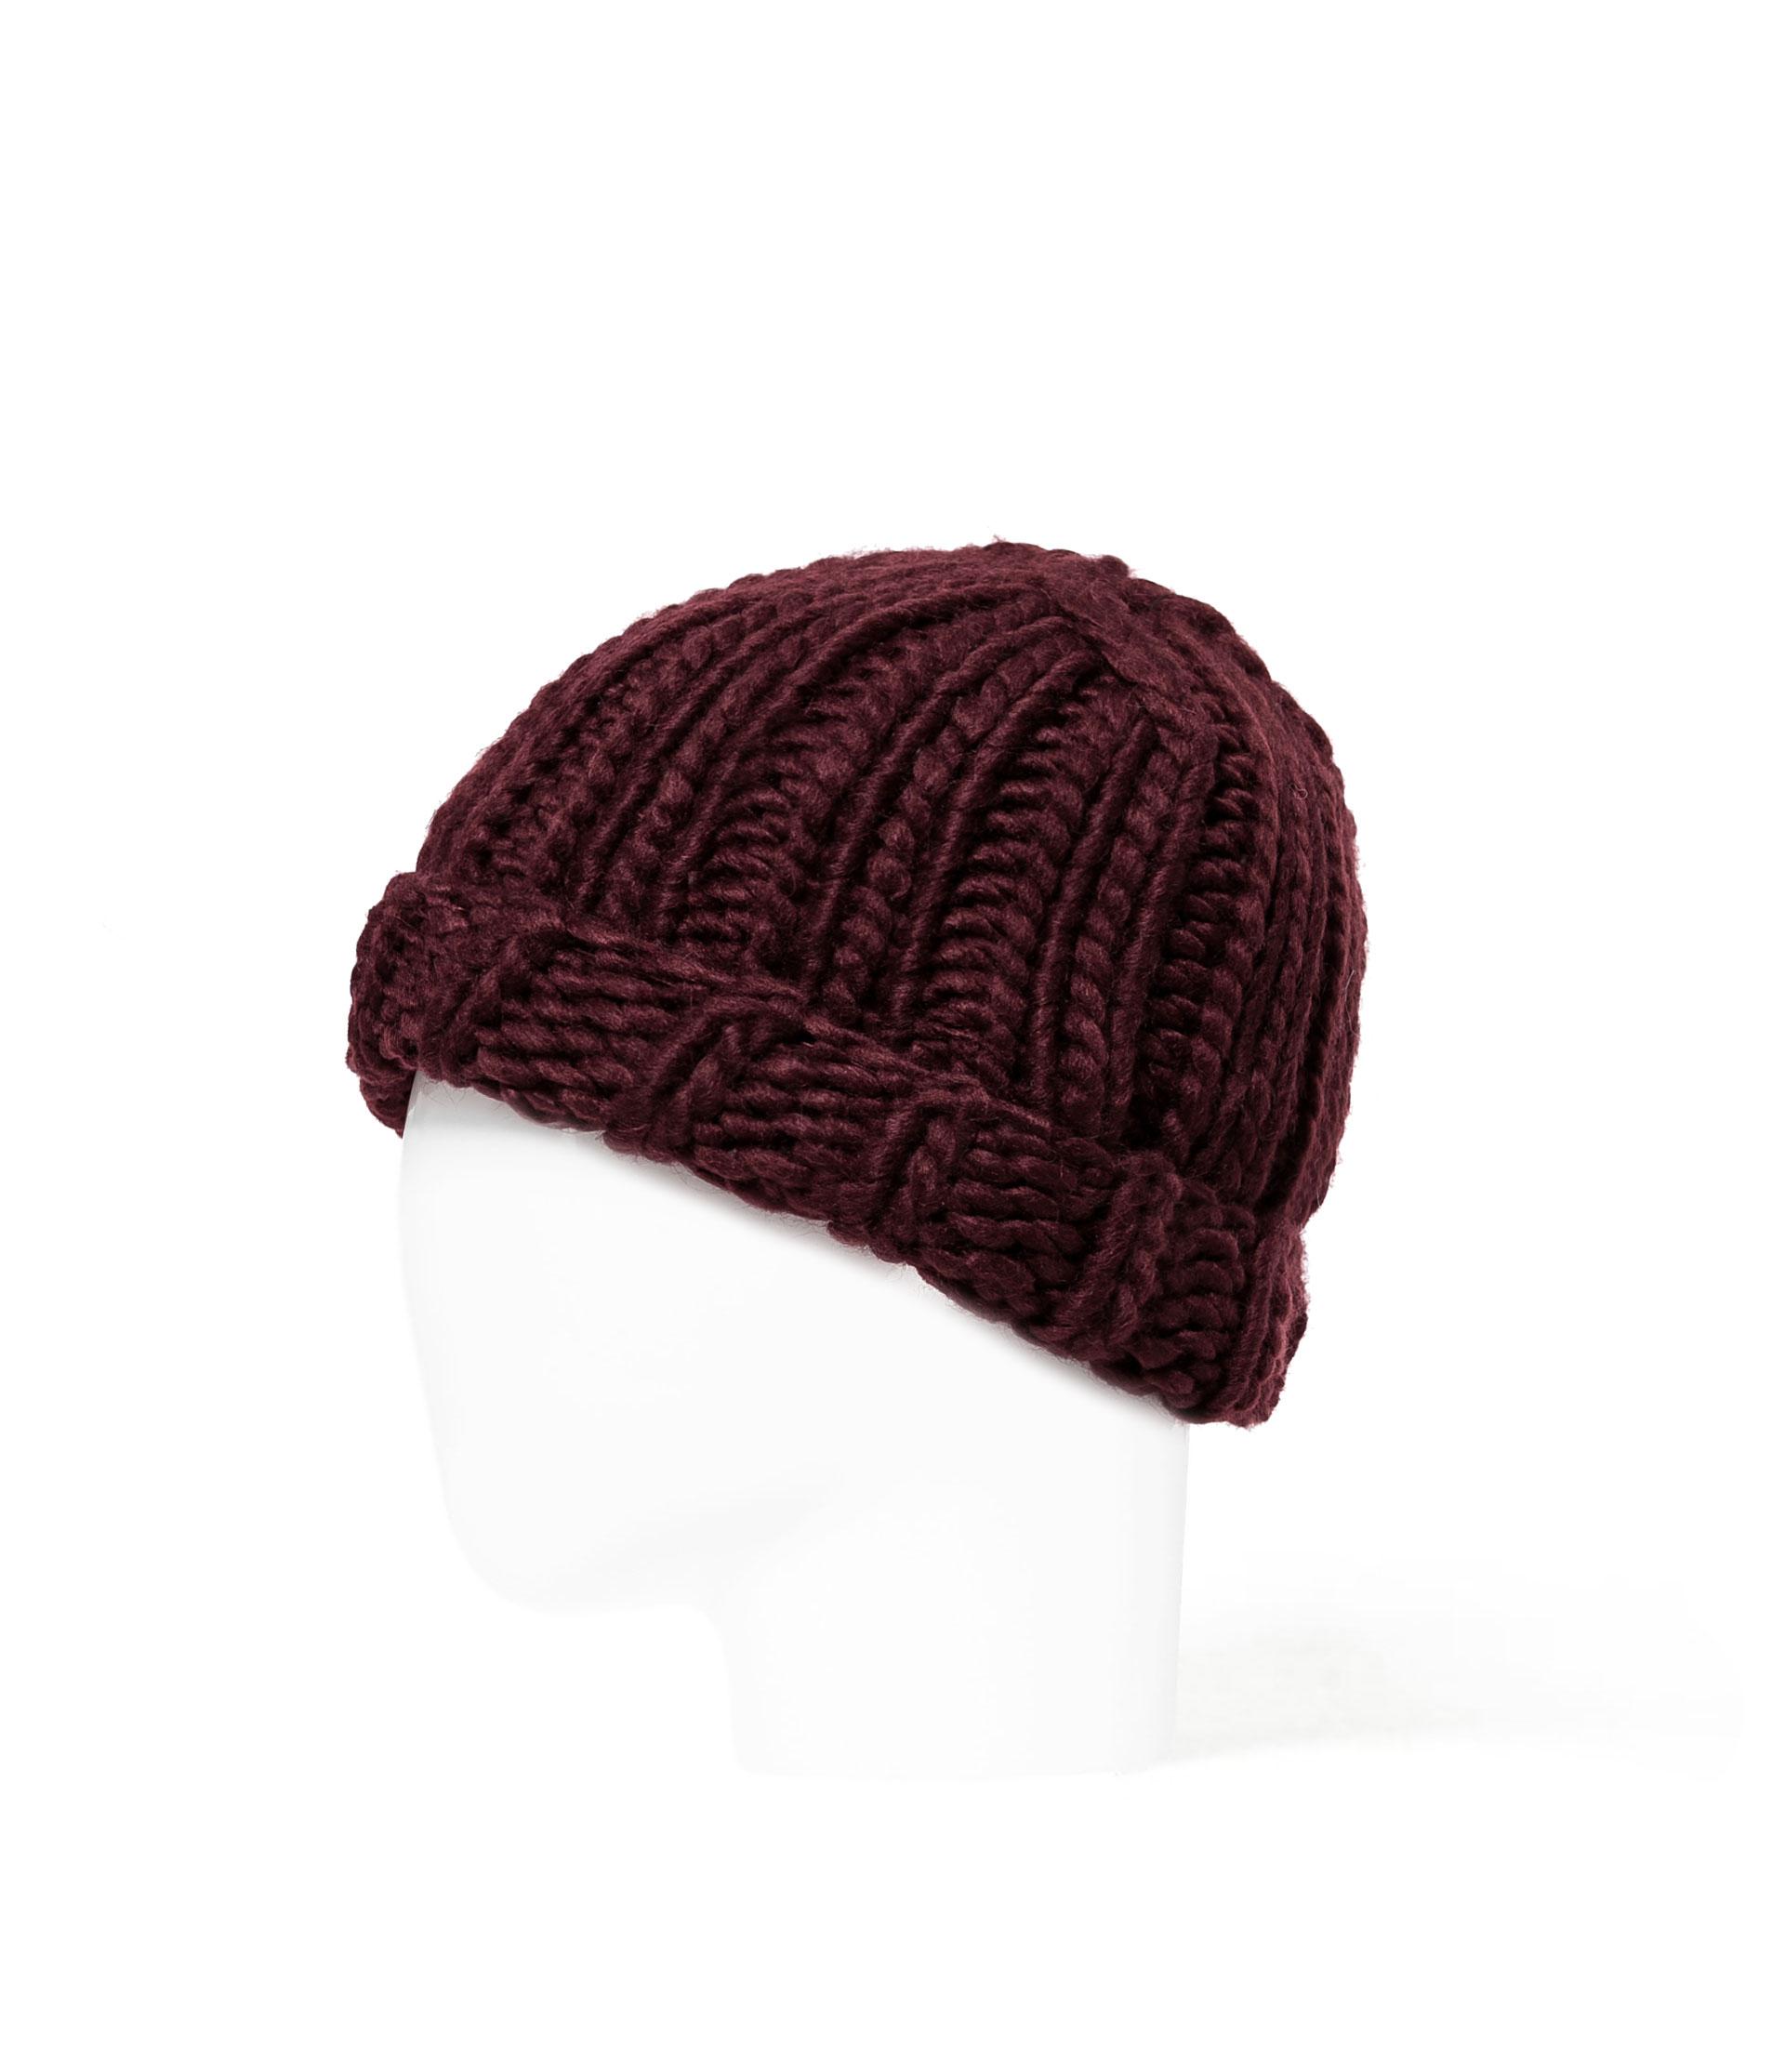 Zara Chunky Knit Beanie Hat £12.99